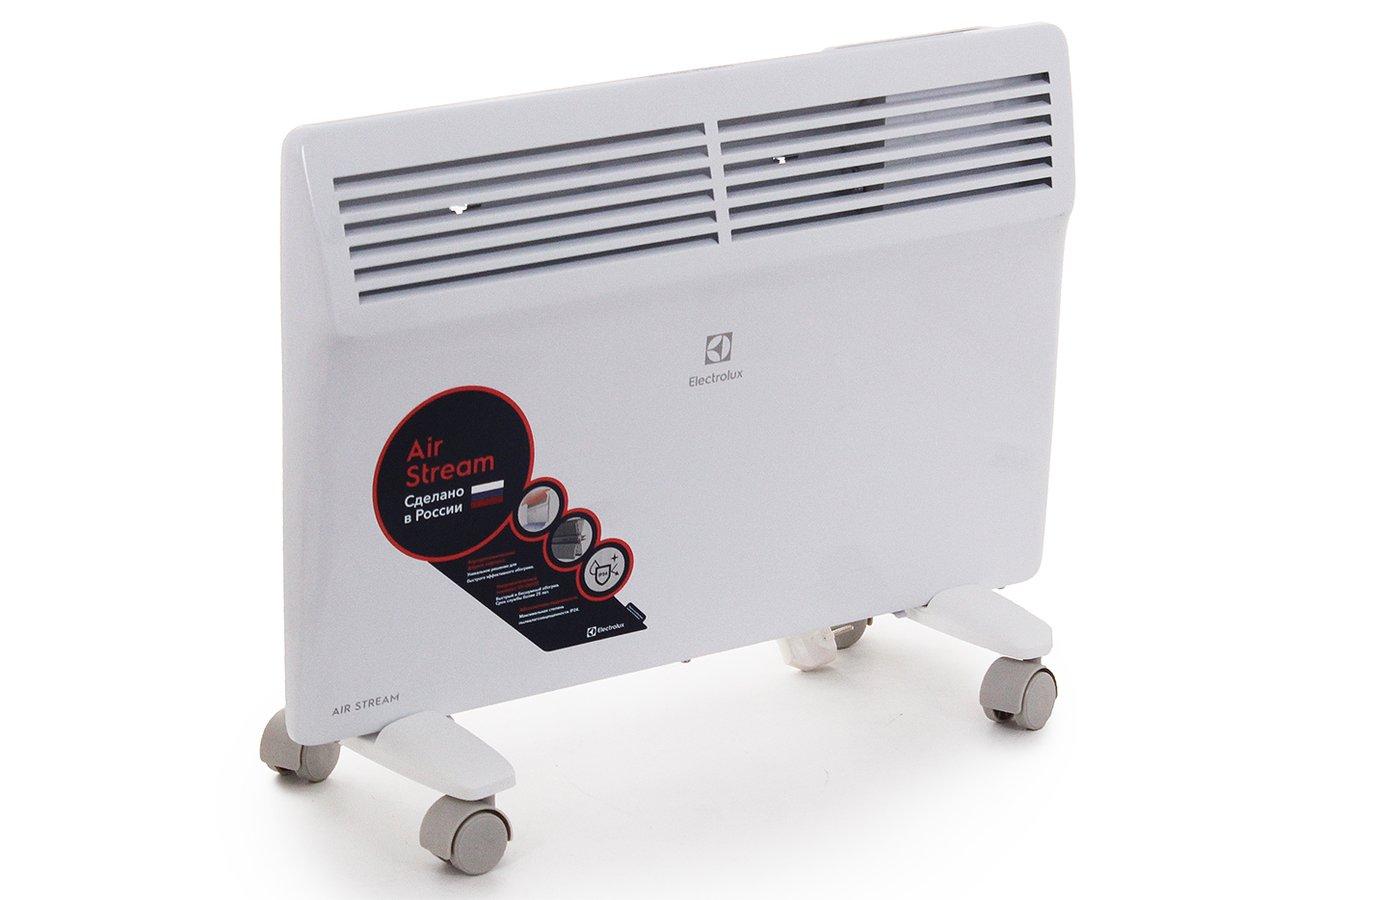 Конвектор электролюкс: отзывы, обзор модельного ряда, отличительные особенности и цены